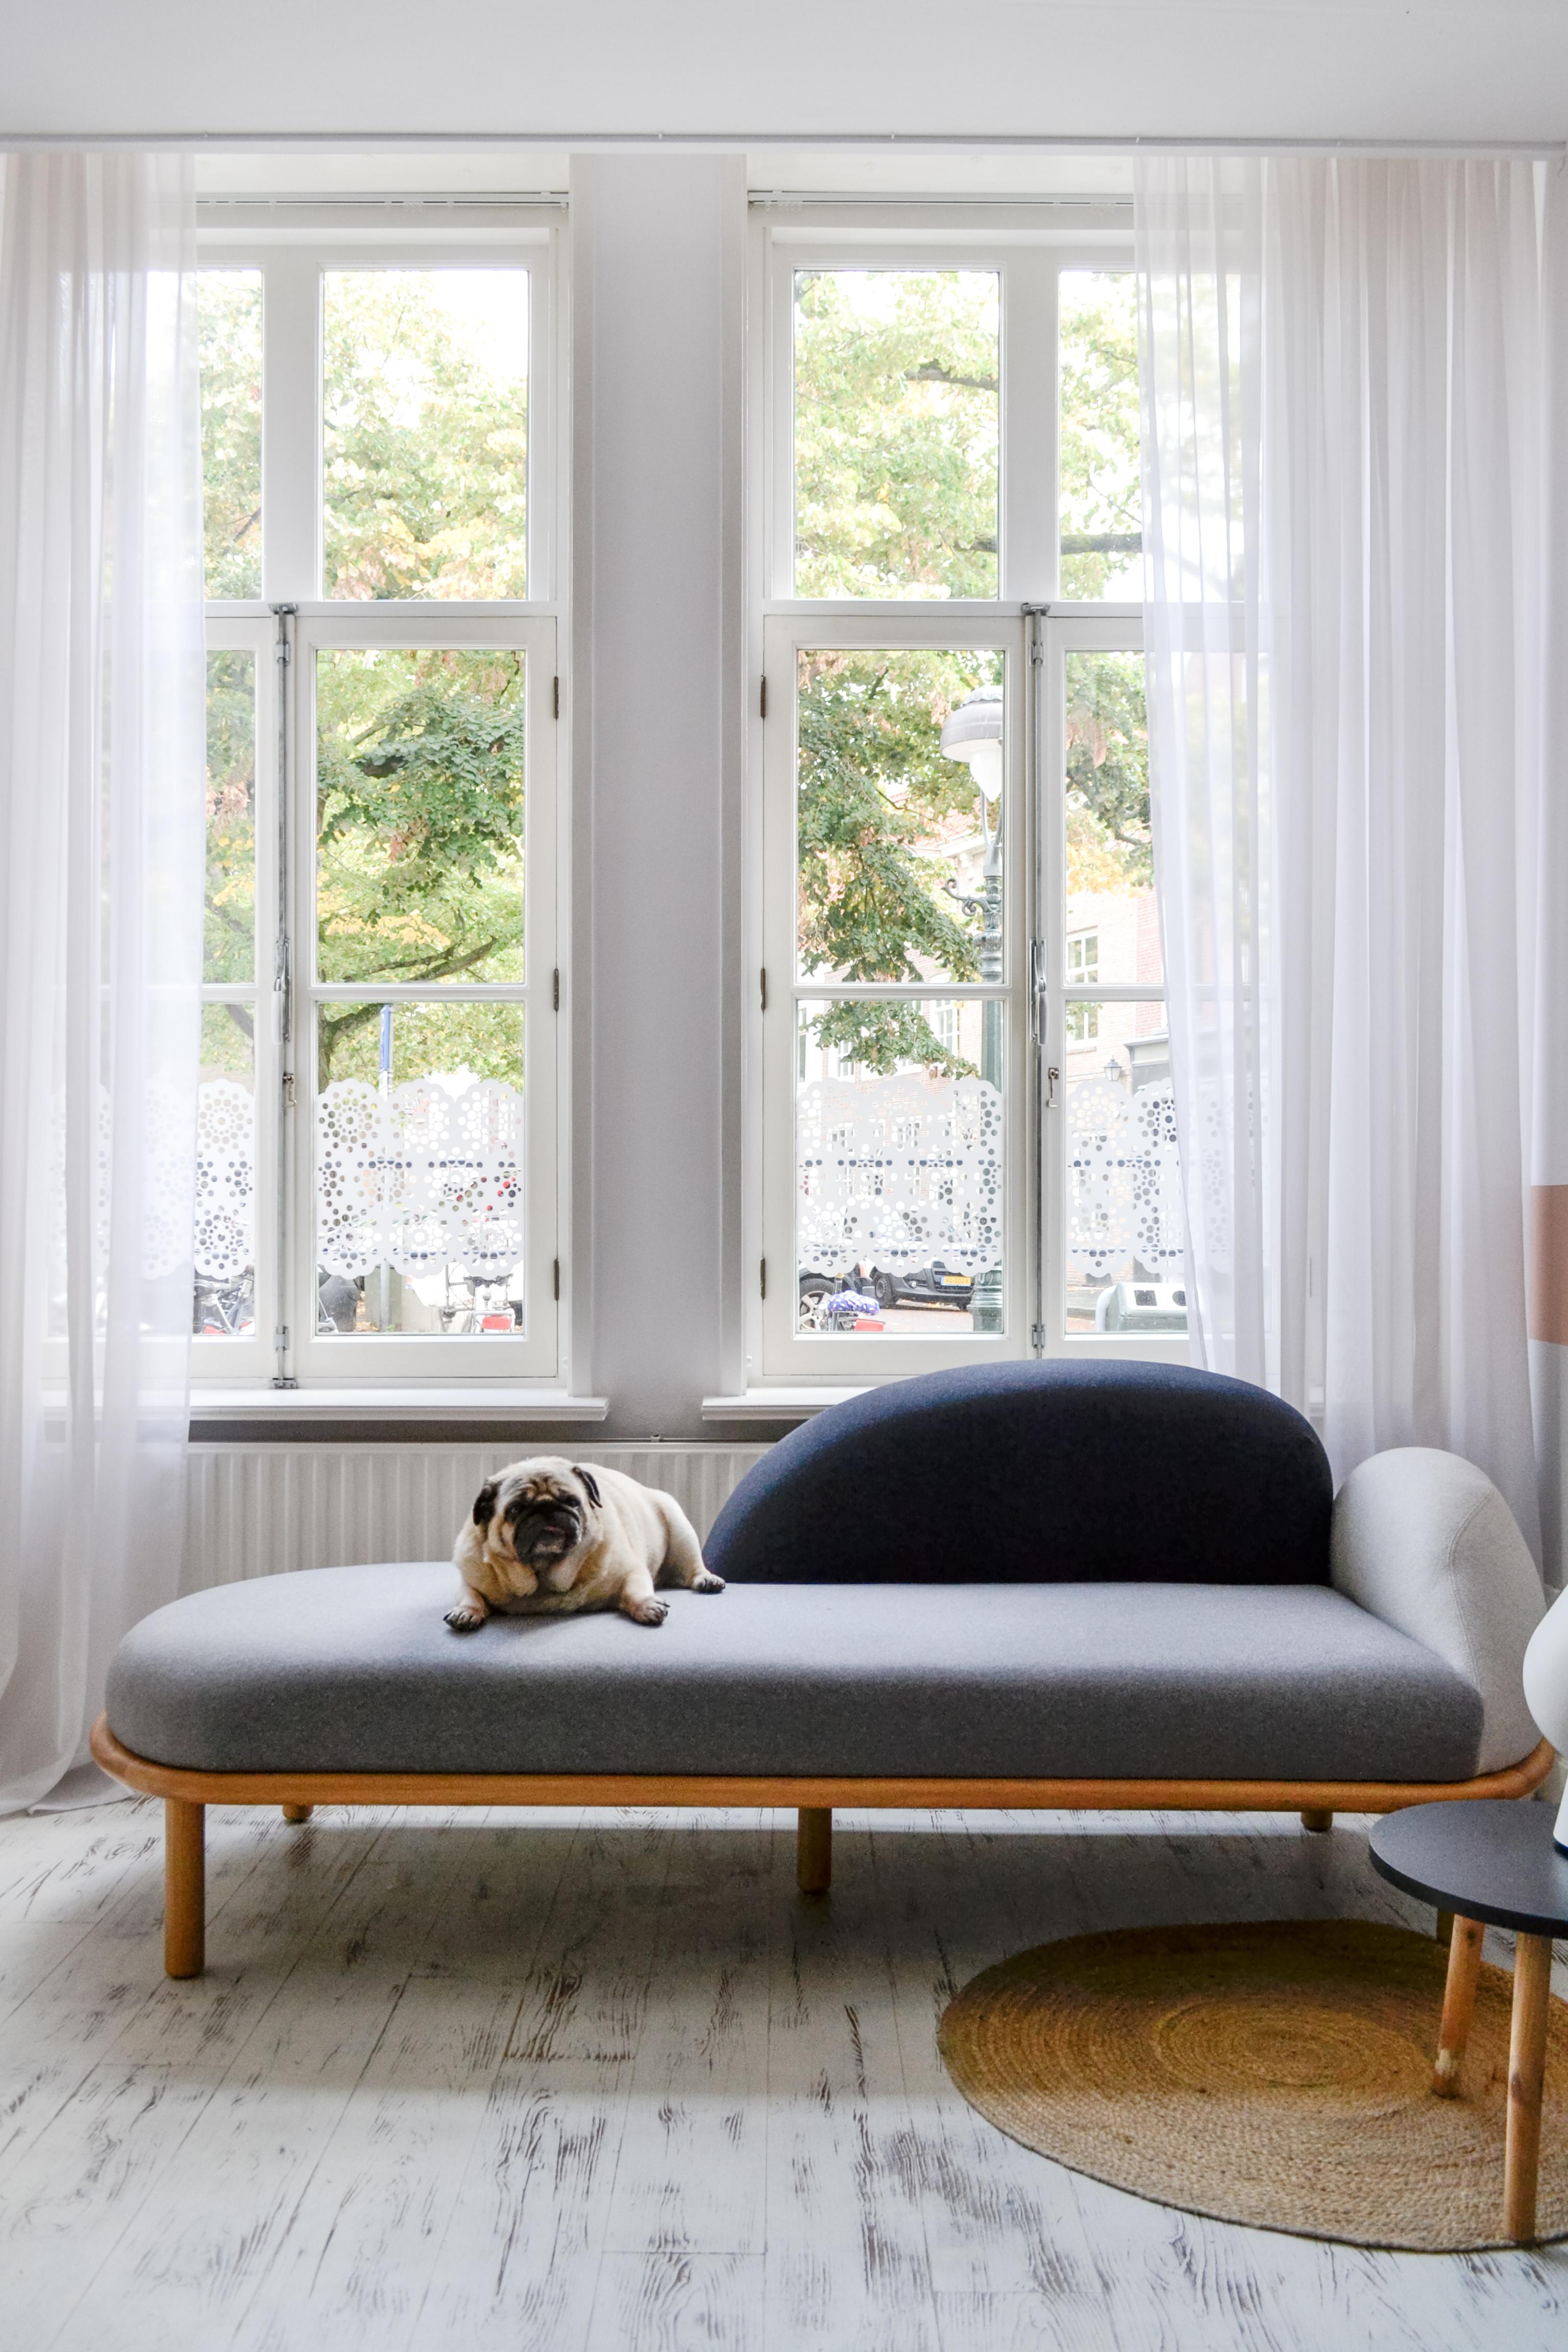 Bankje voor hoge ramen met hond fijnthuiszijn